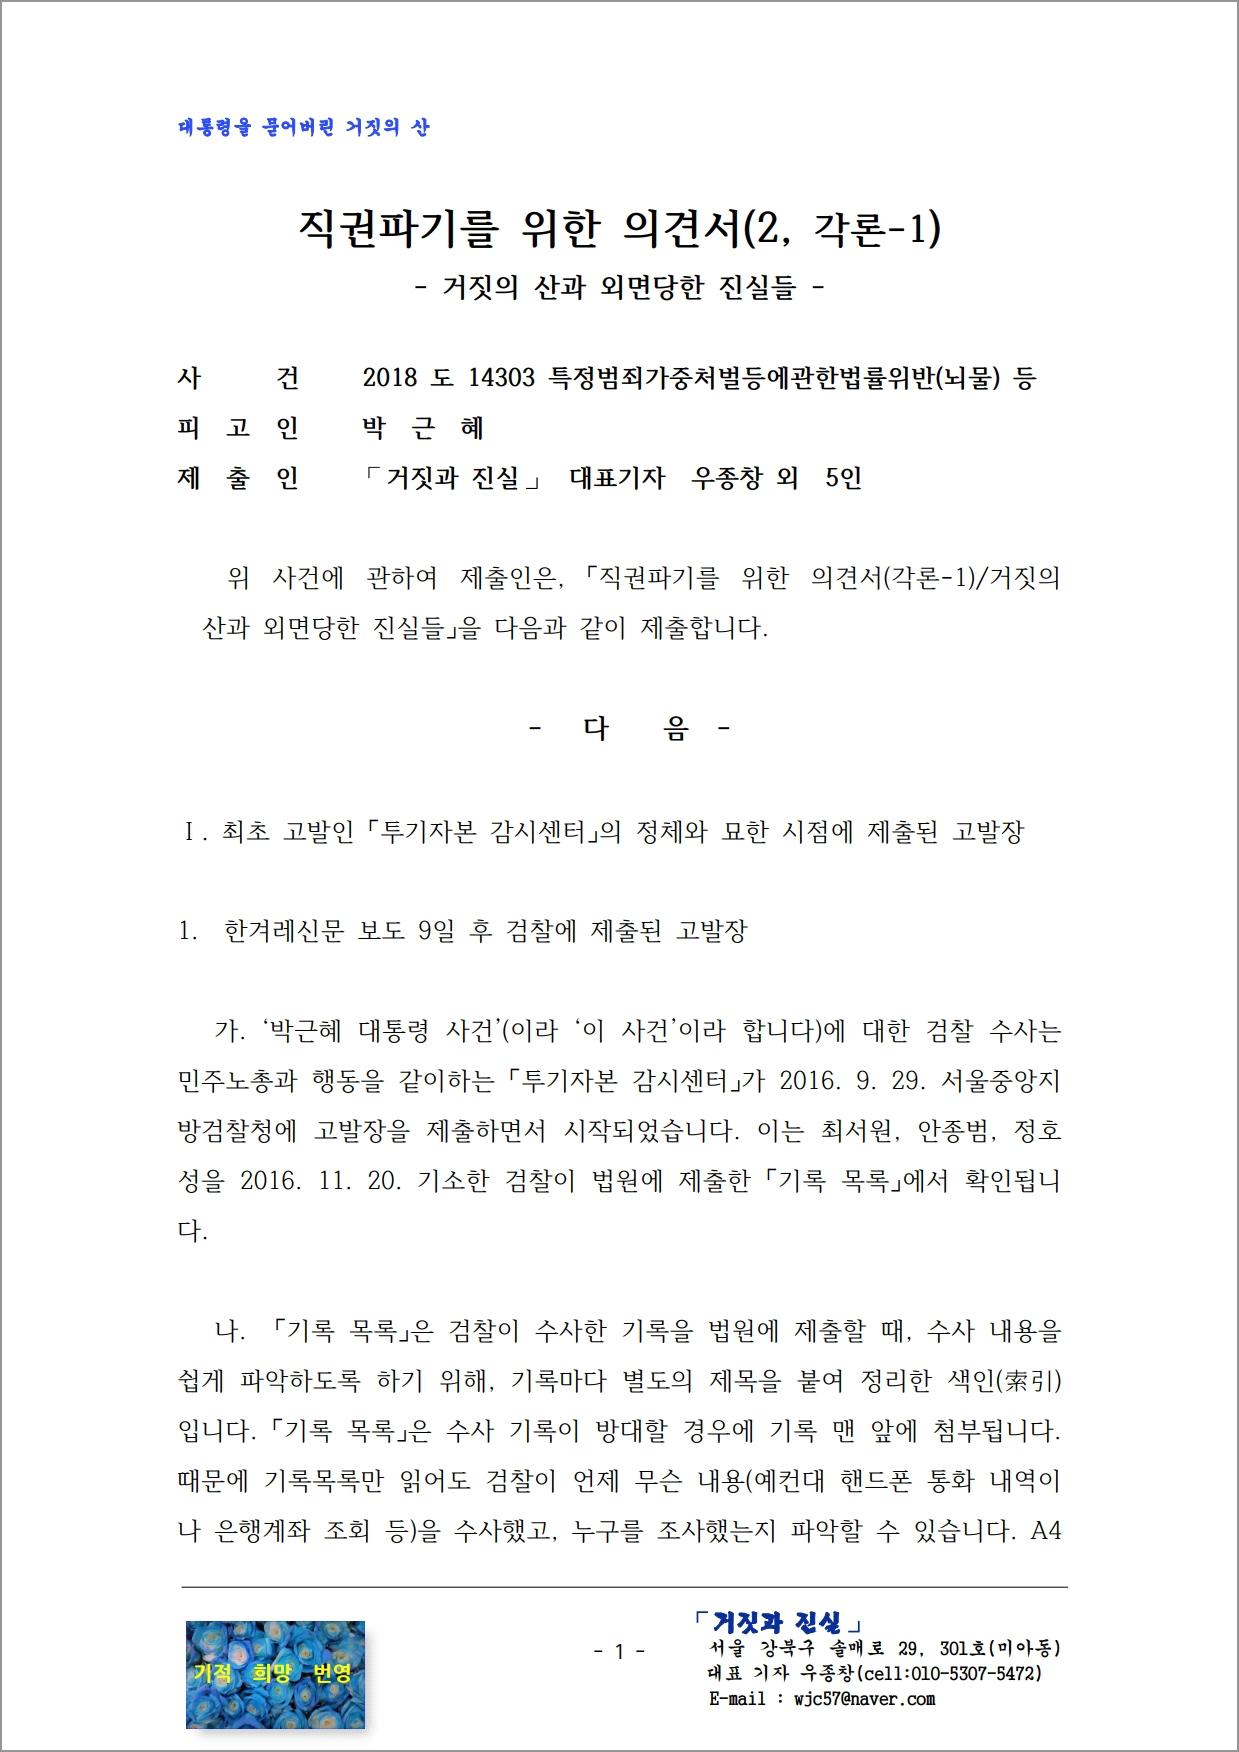 박근혜 대통령 사건-각론1 본문.pdf